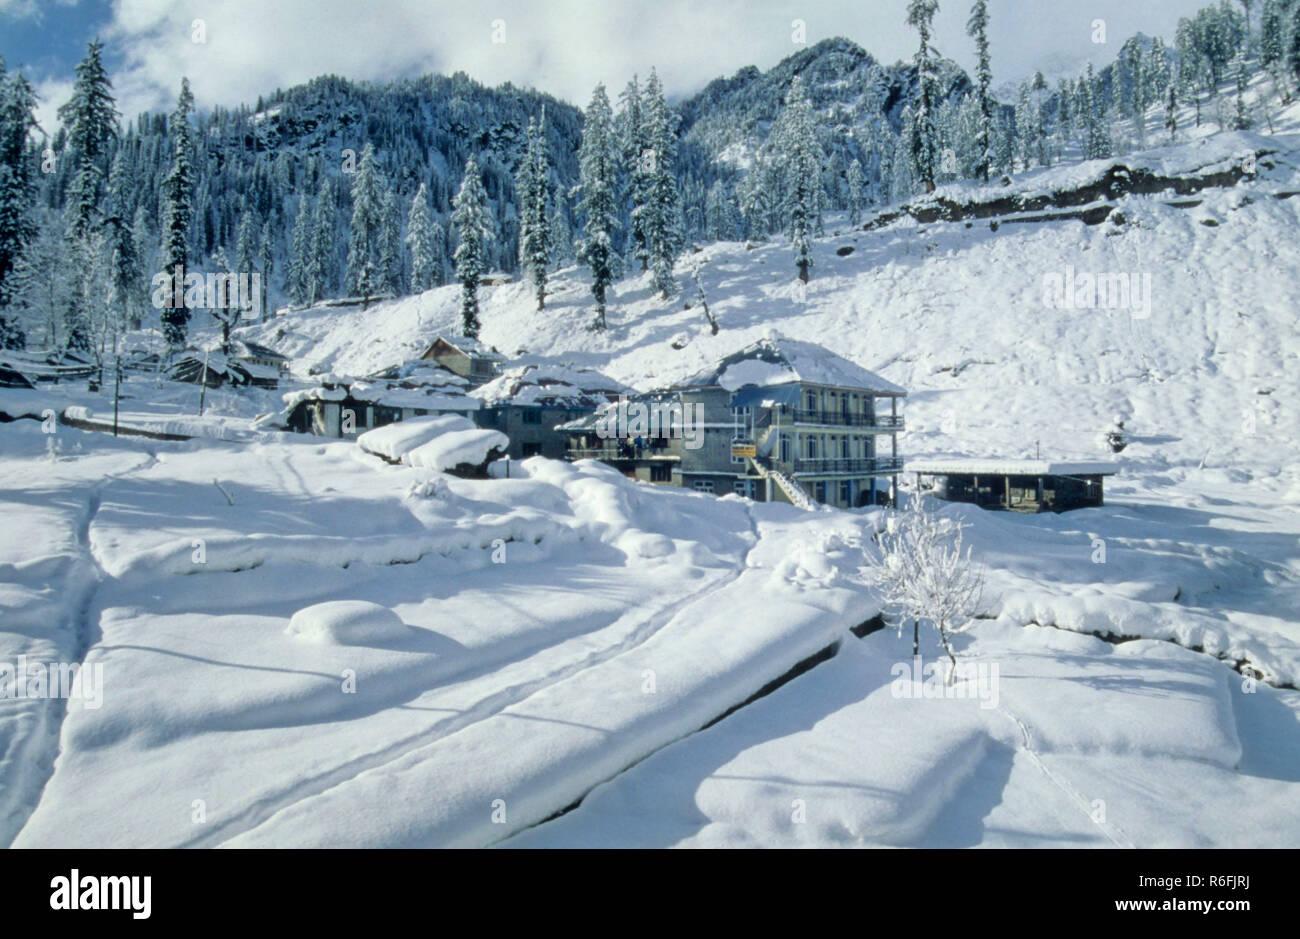 Snow at Solang, Manali, Himachal Pradesh, India. - Stock Image